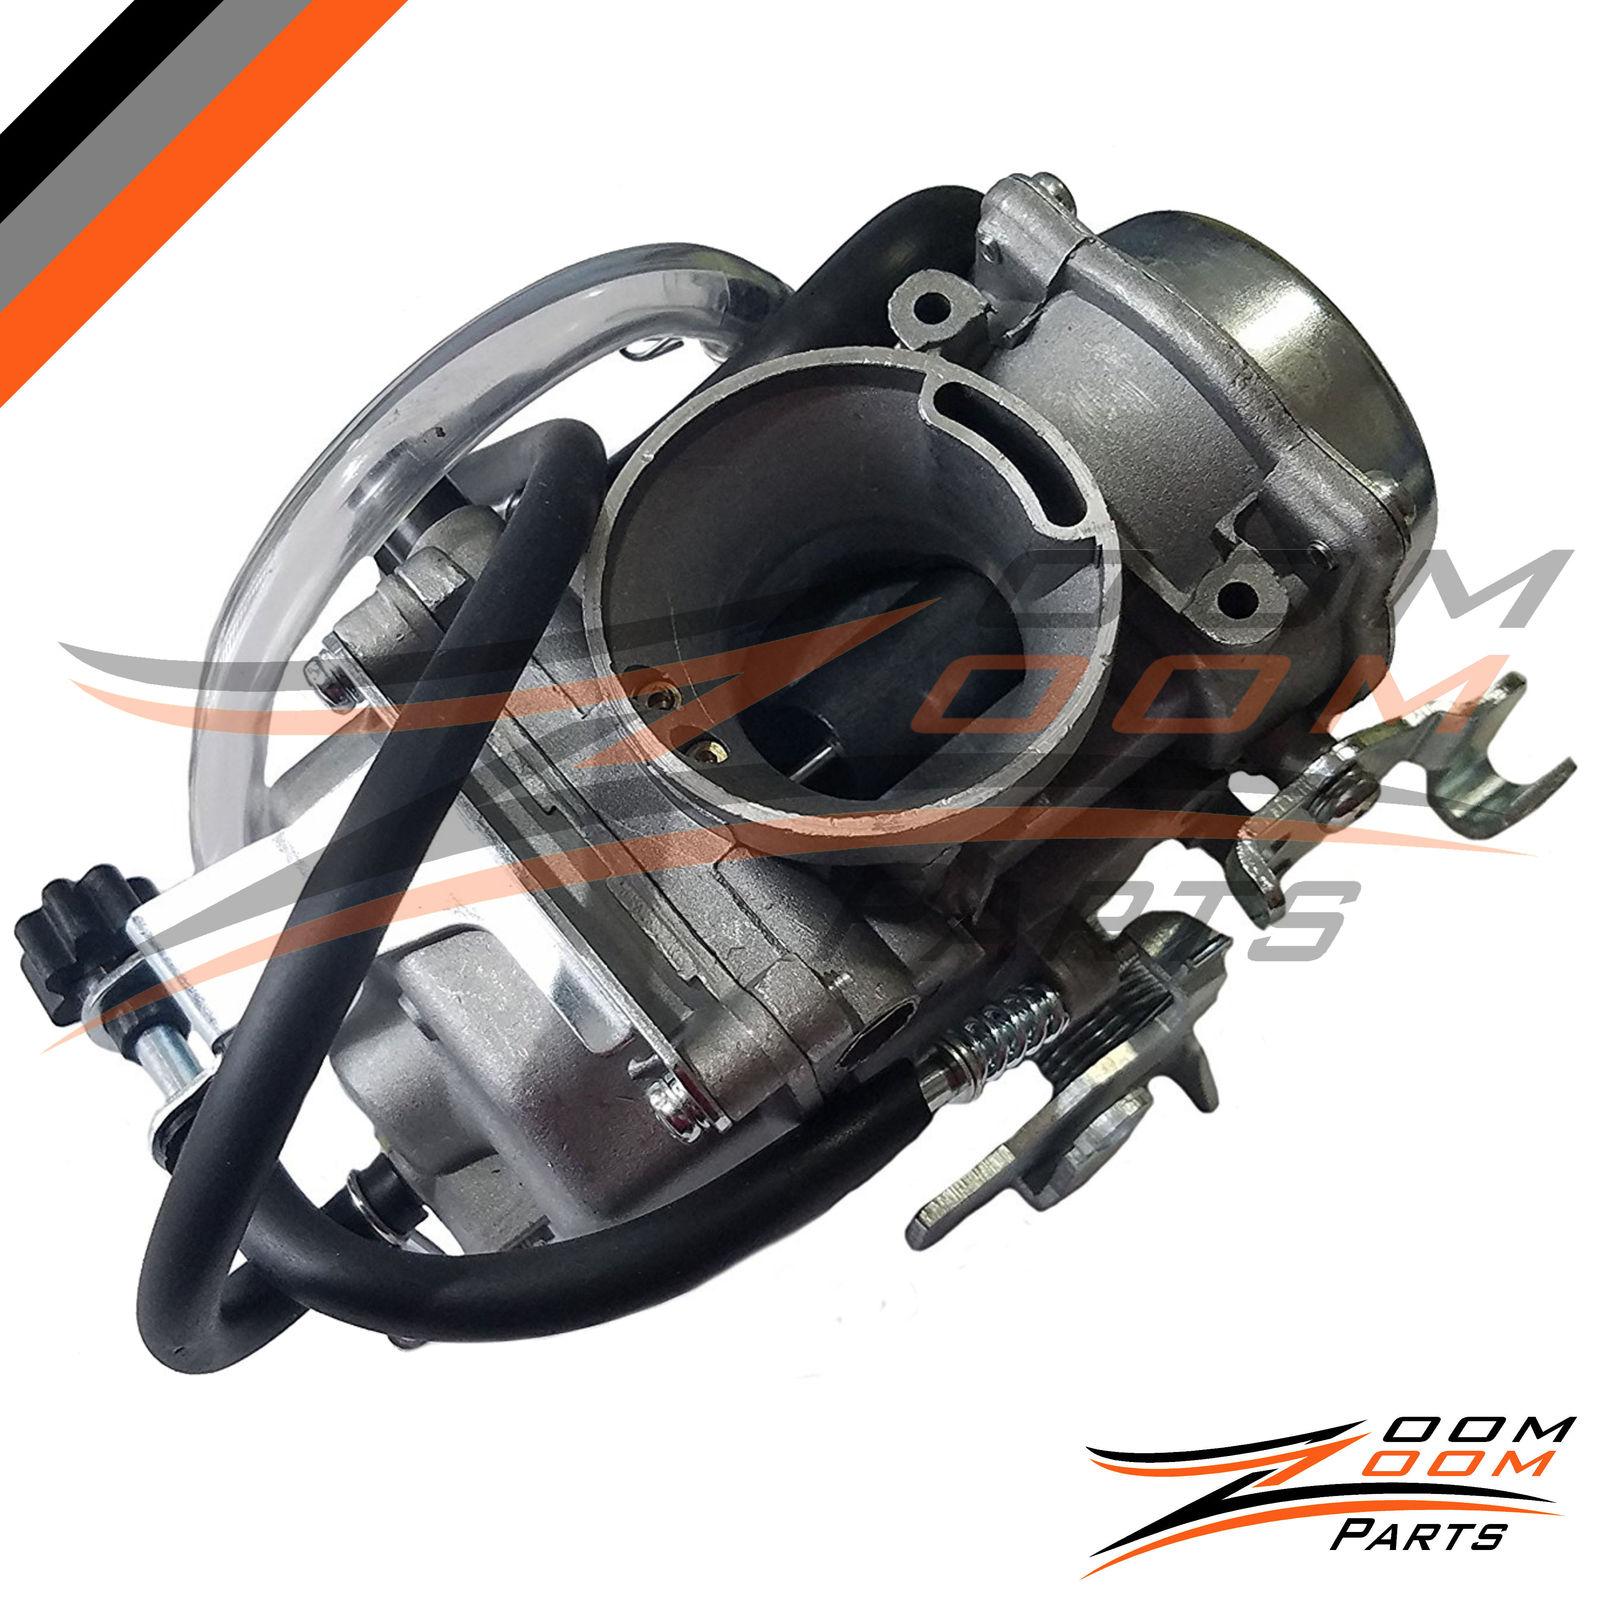 ZOOM ZOOM Carburetor For 1998 - 2003 Kawasaki Mojave 250 2004 kfx250 kfx 250 ATV - $142.99